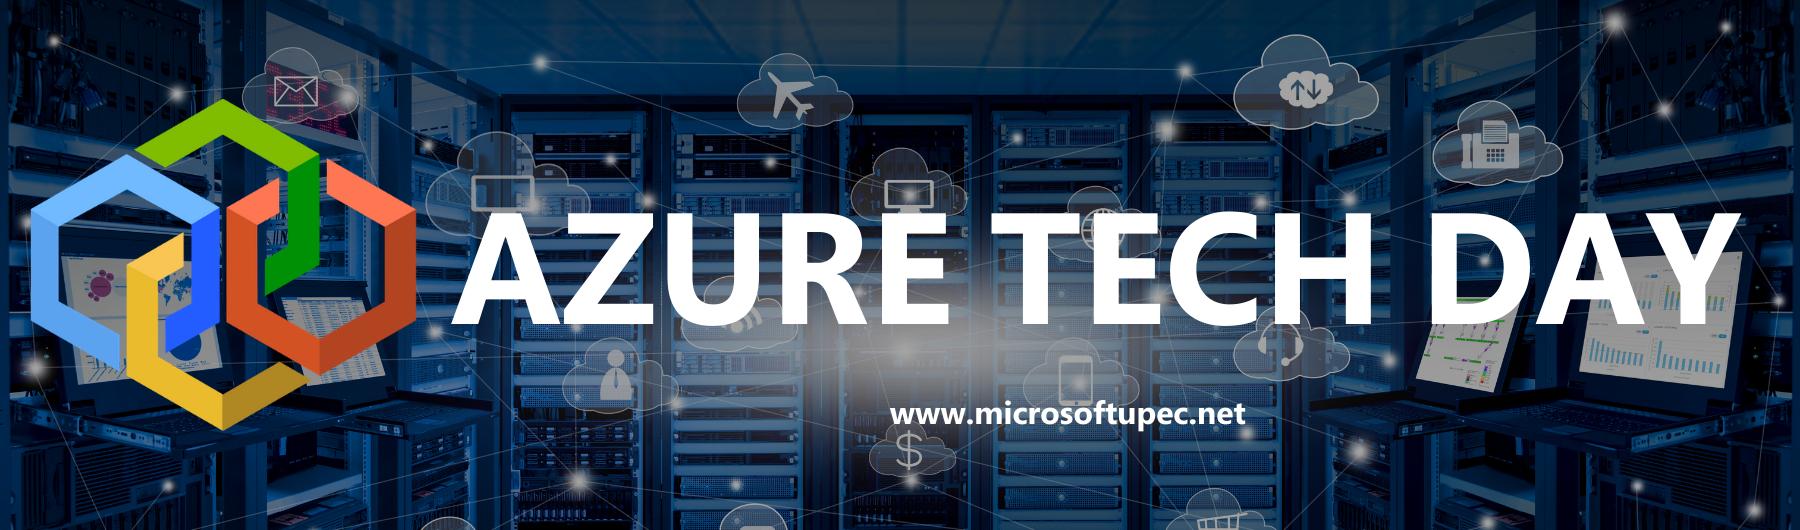 Azure Tech Day